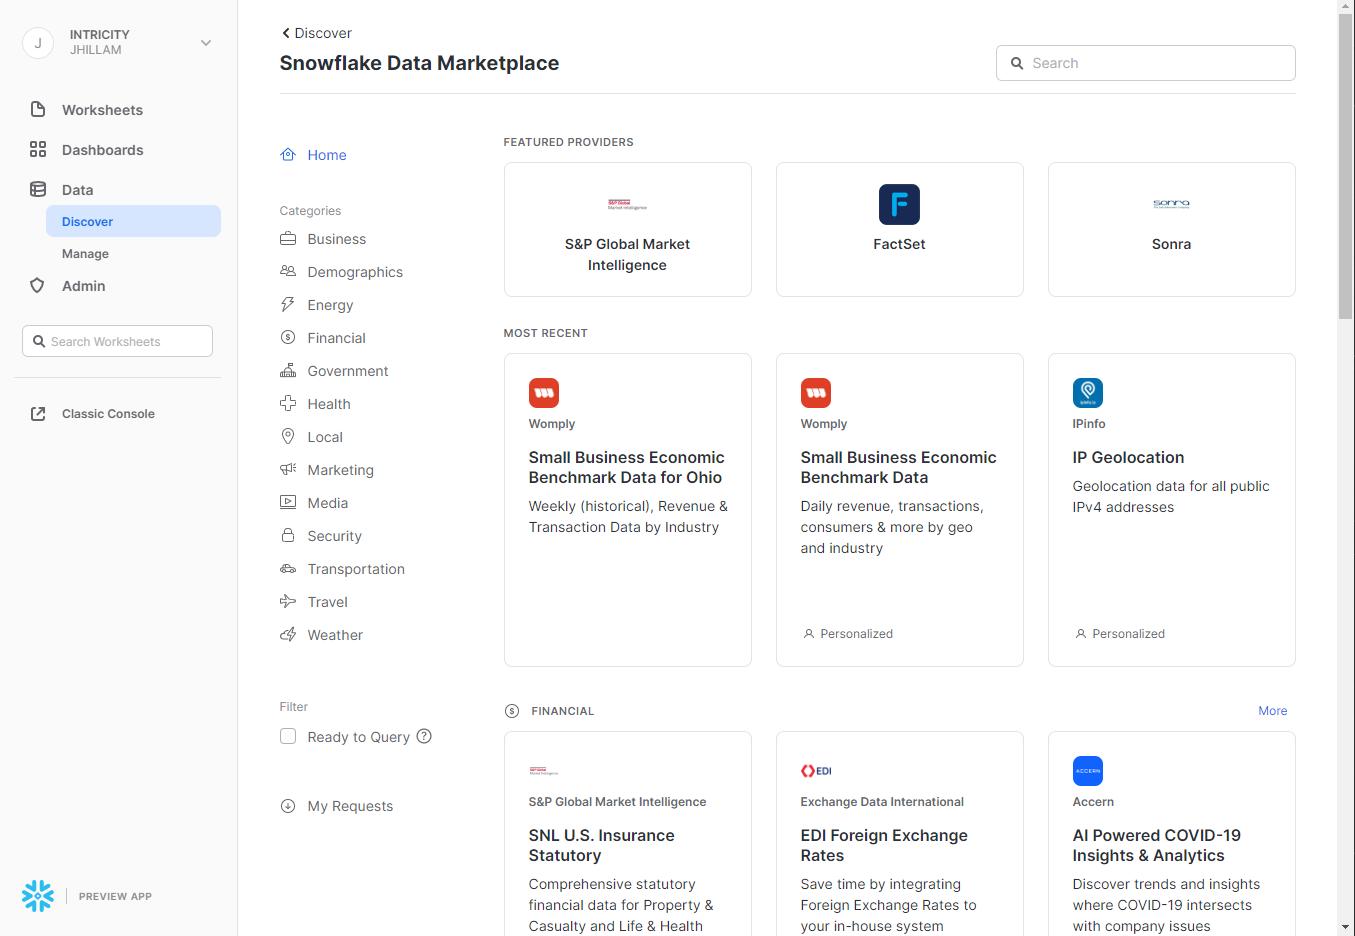 Data Marketplace